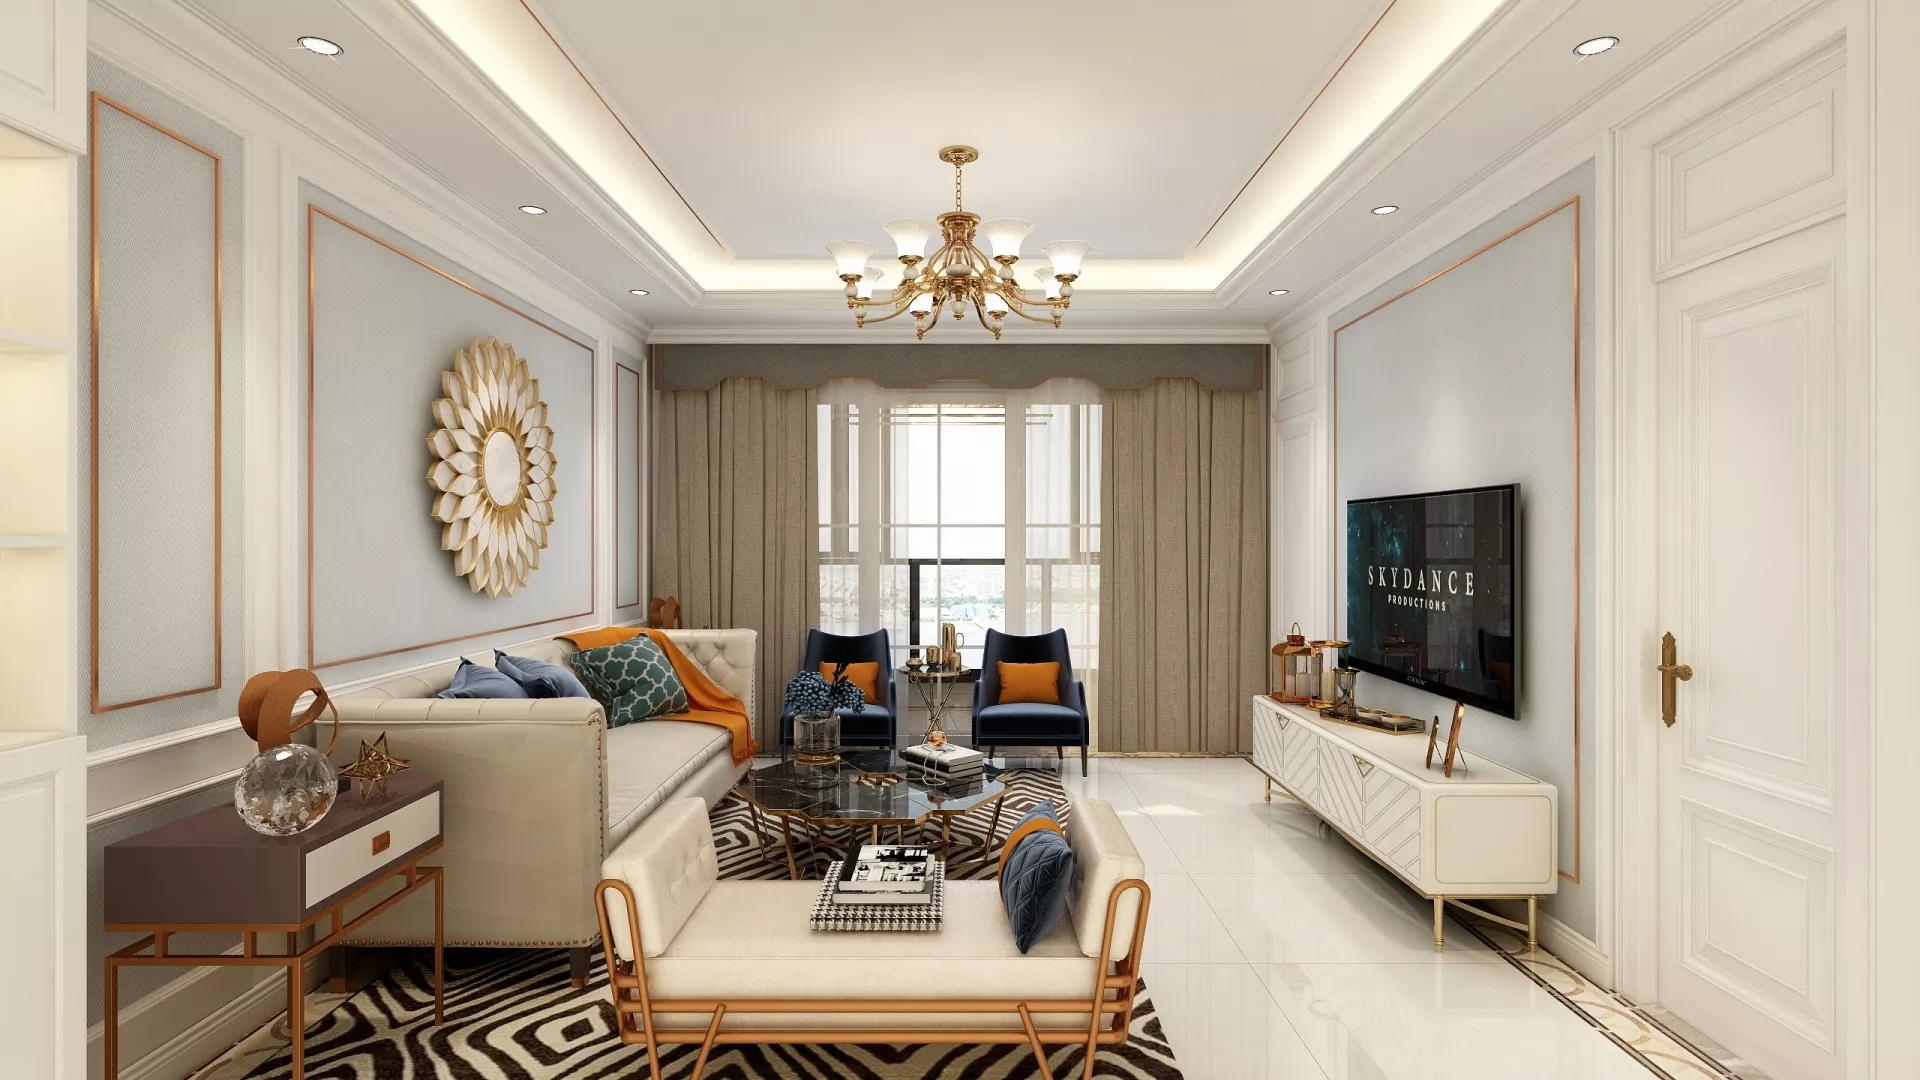 客厅,吊顶,背景墙,中式风格,沙发,灯具,茶几,温馨,舒适,实用